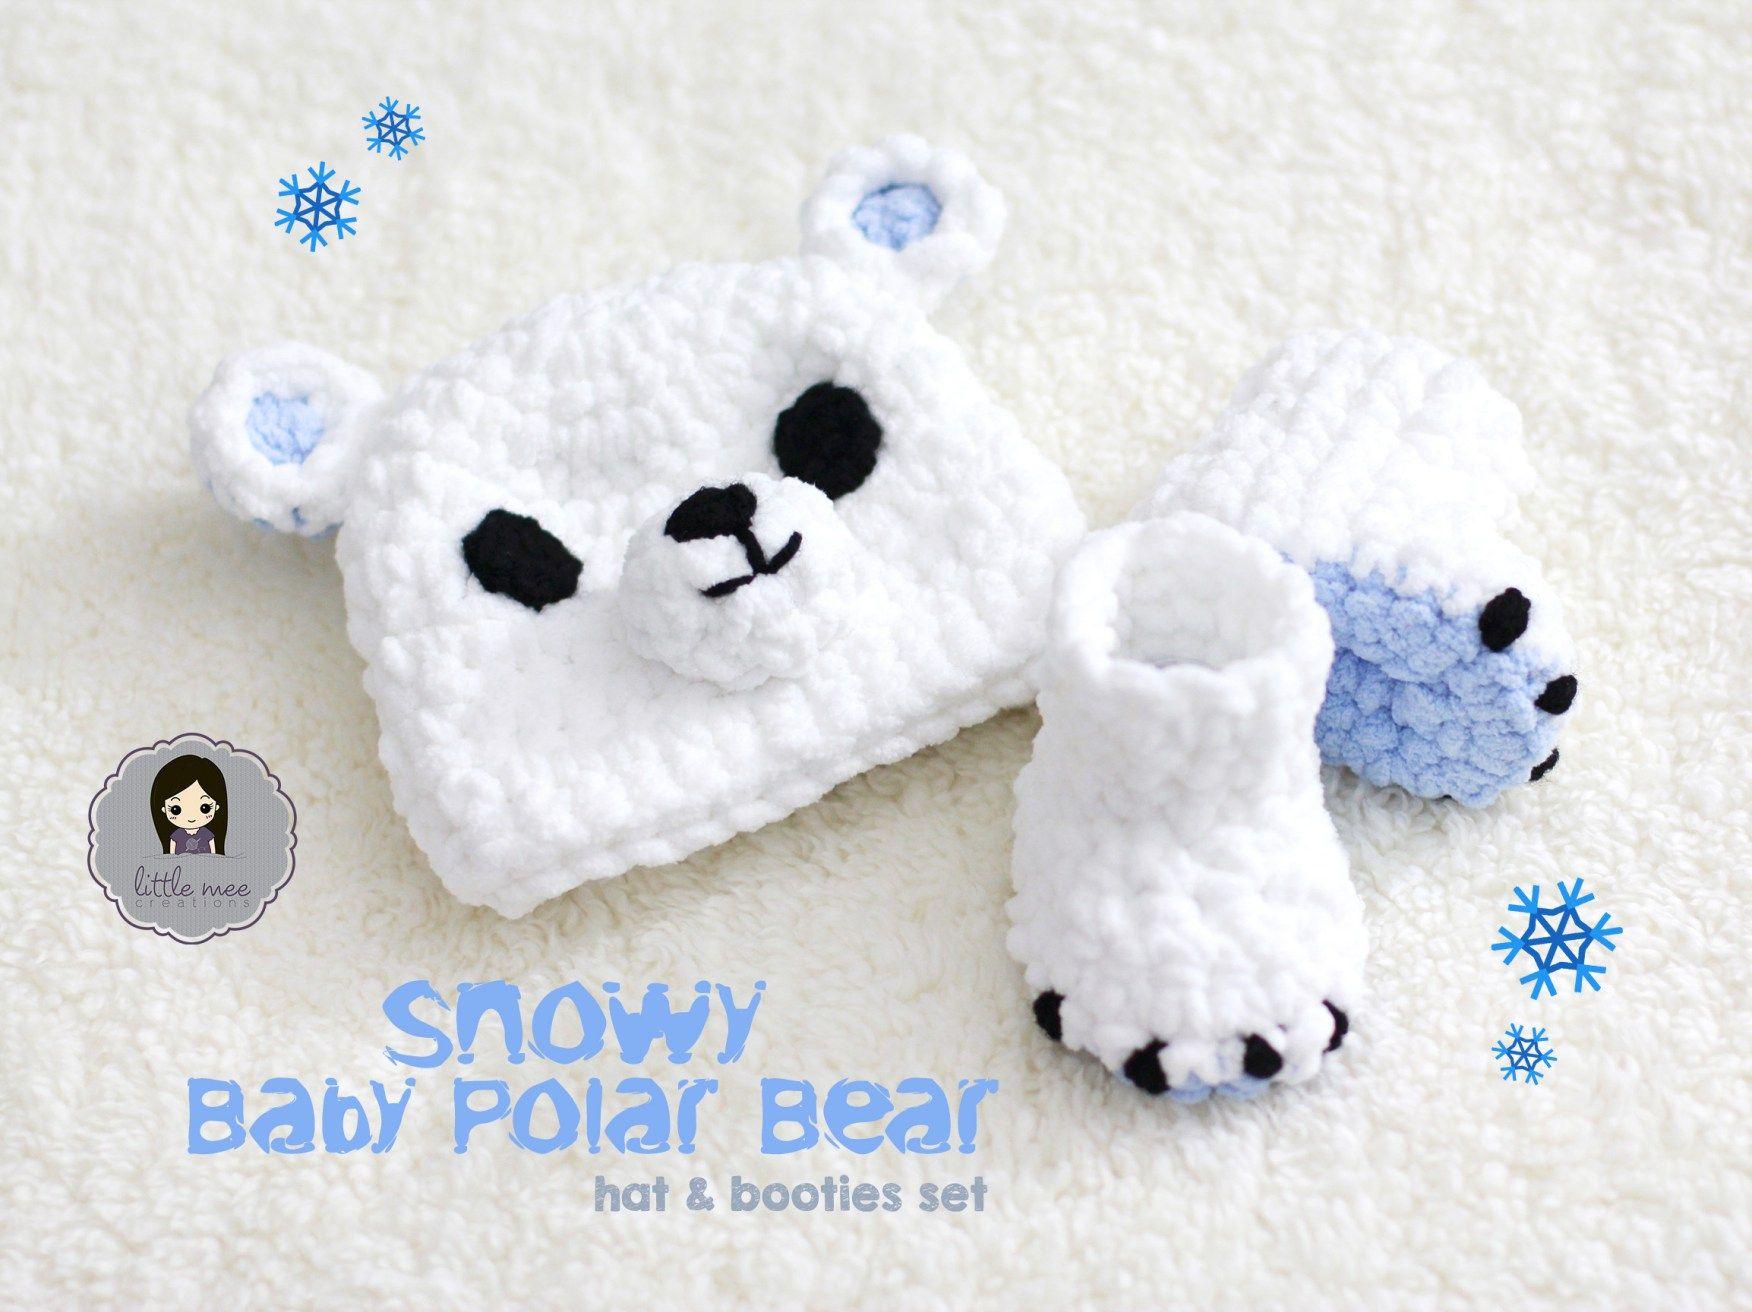 snowy baby polar bear crochet pattern by Little Mee Creations ...